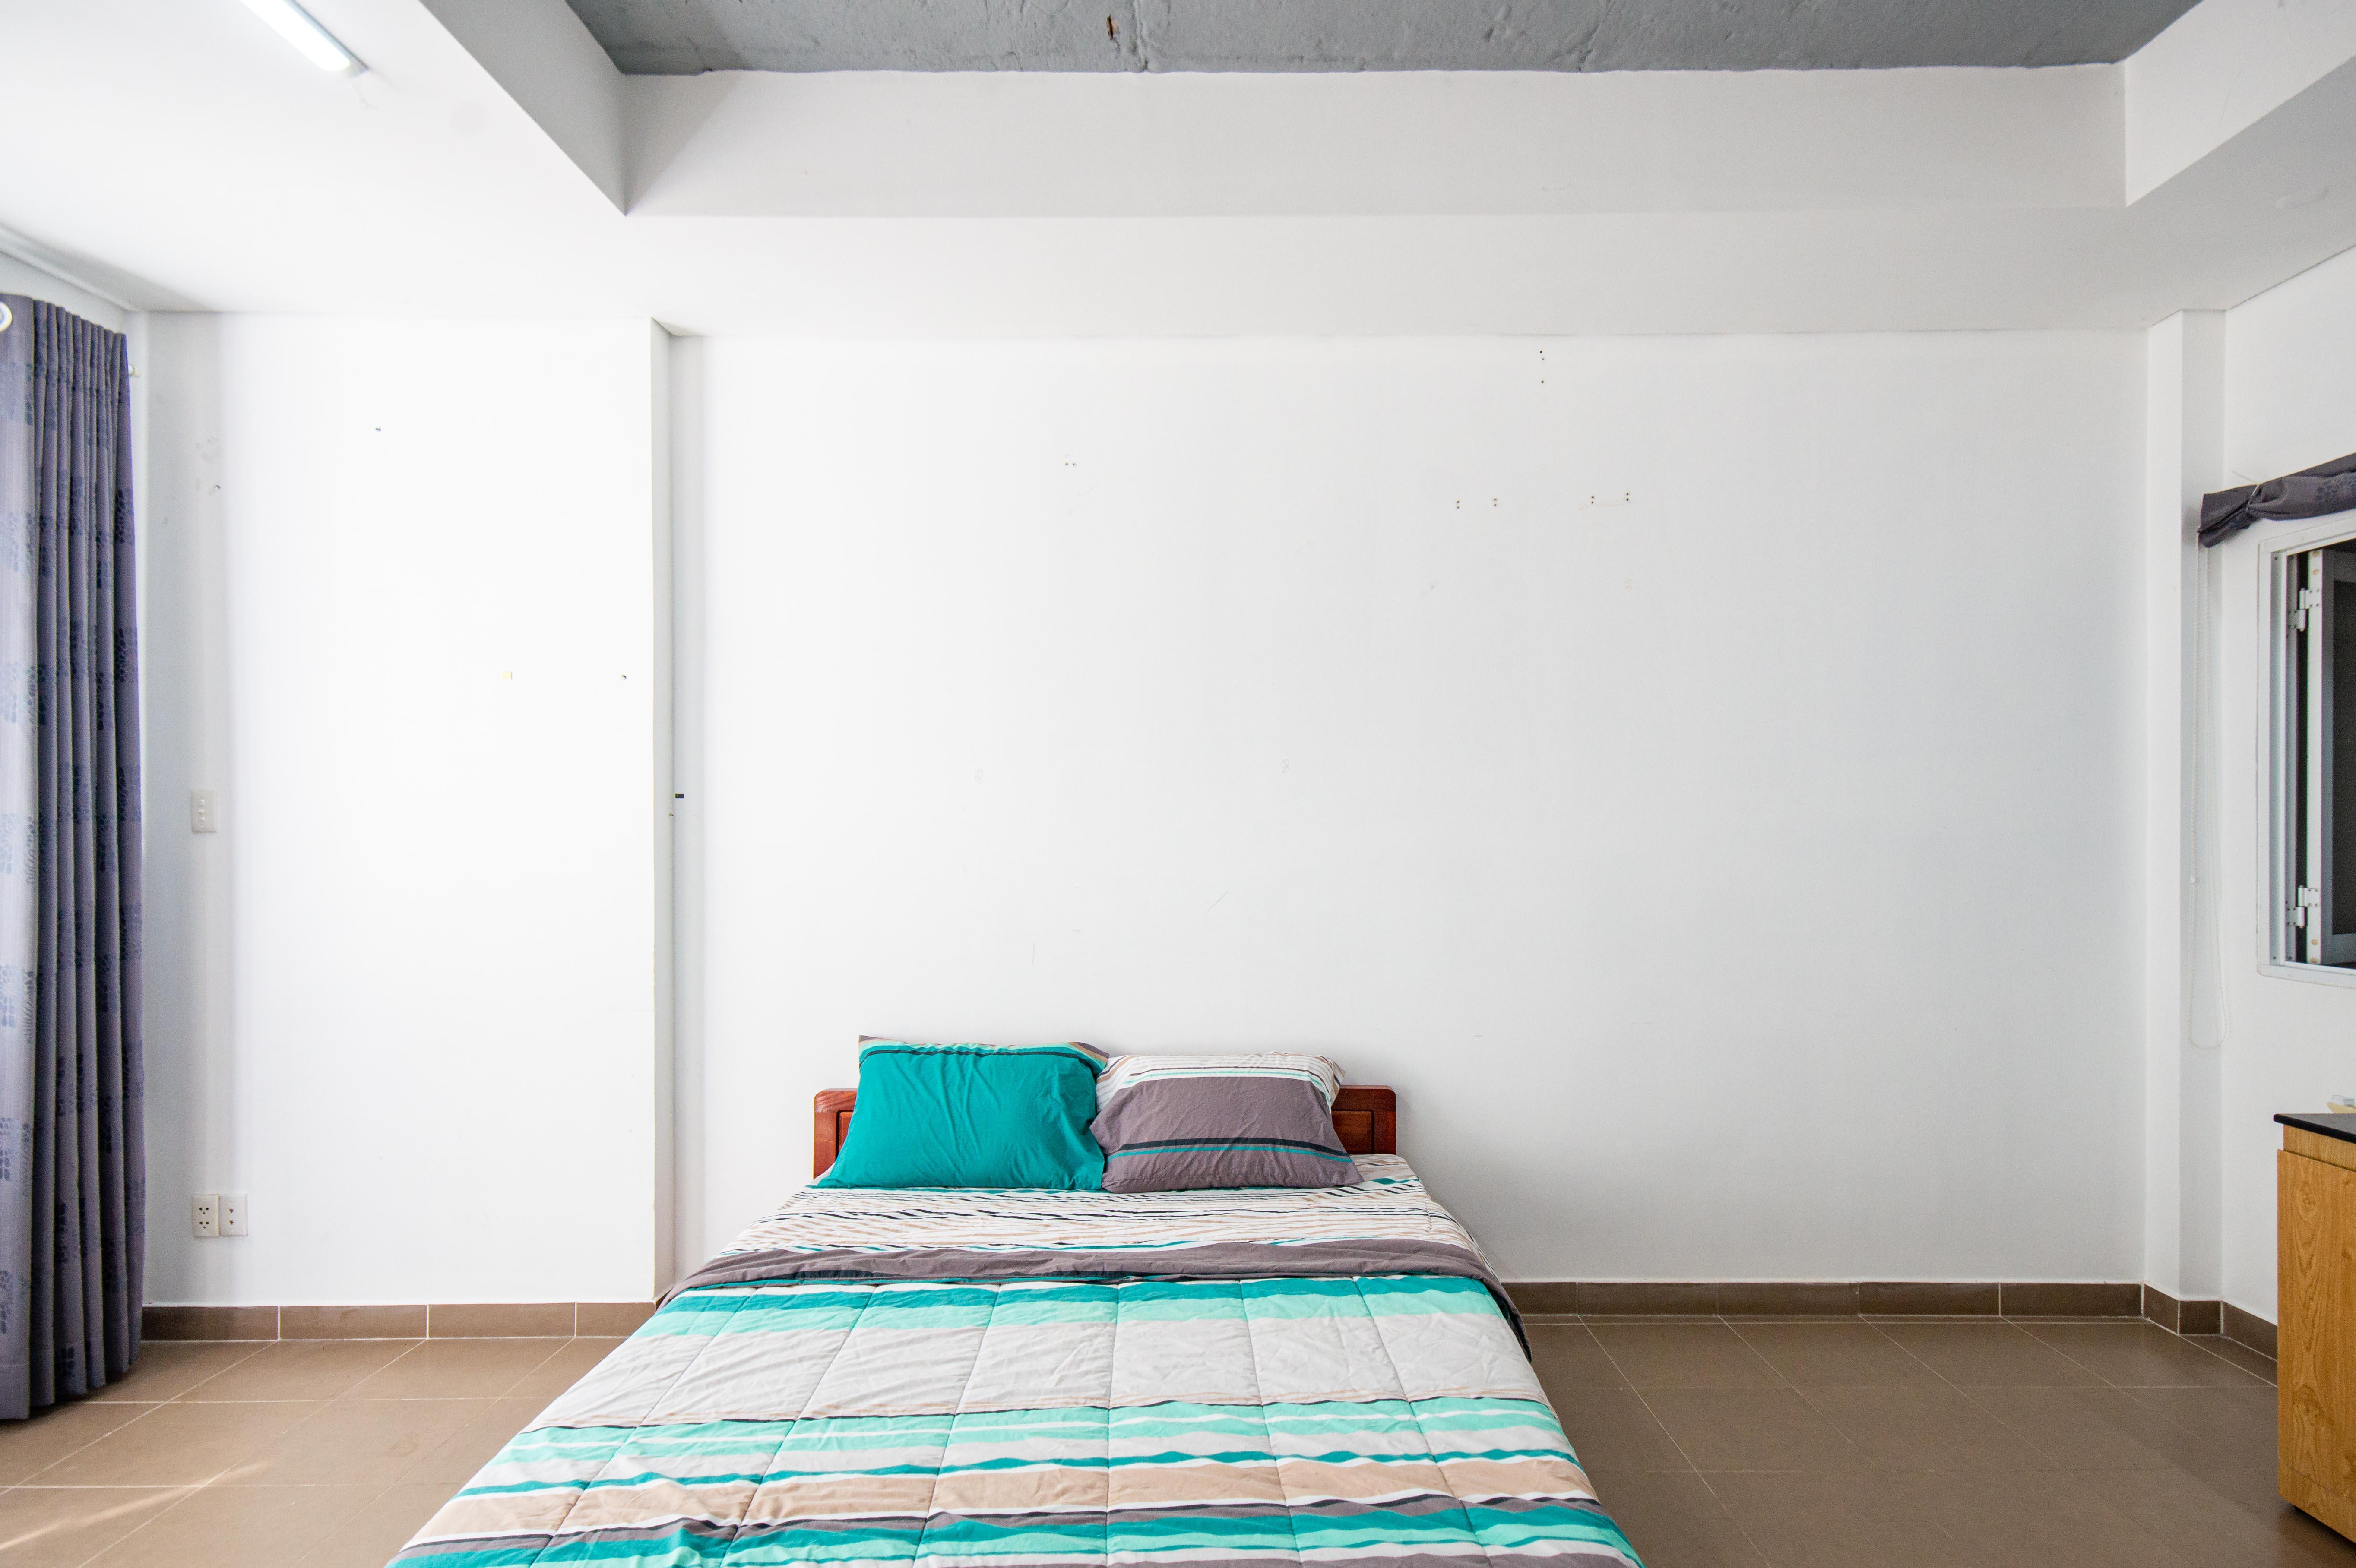 Cho Thuê Căn hộ 1 PN Lê Văn Sỹ Apartment - Có Bồn Tắm -5